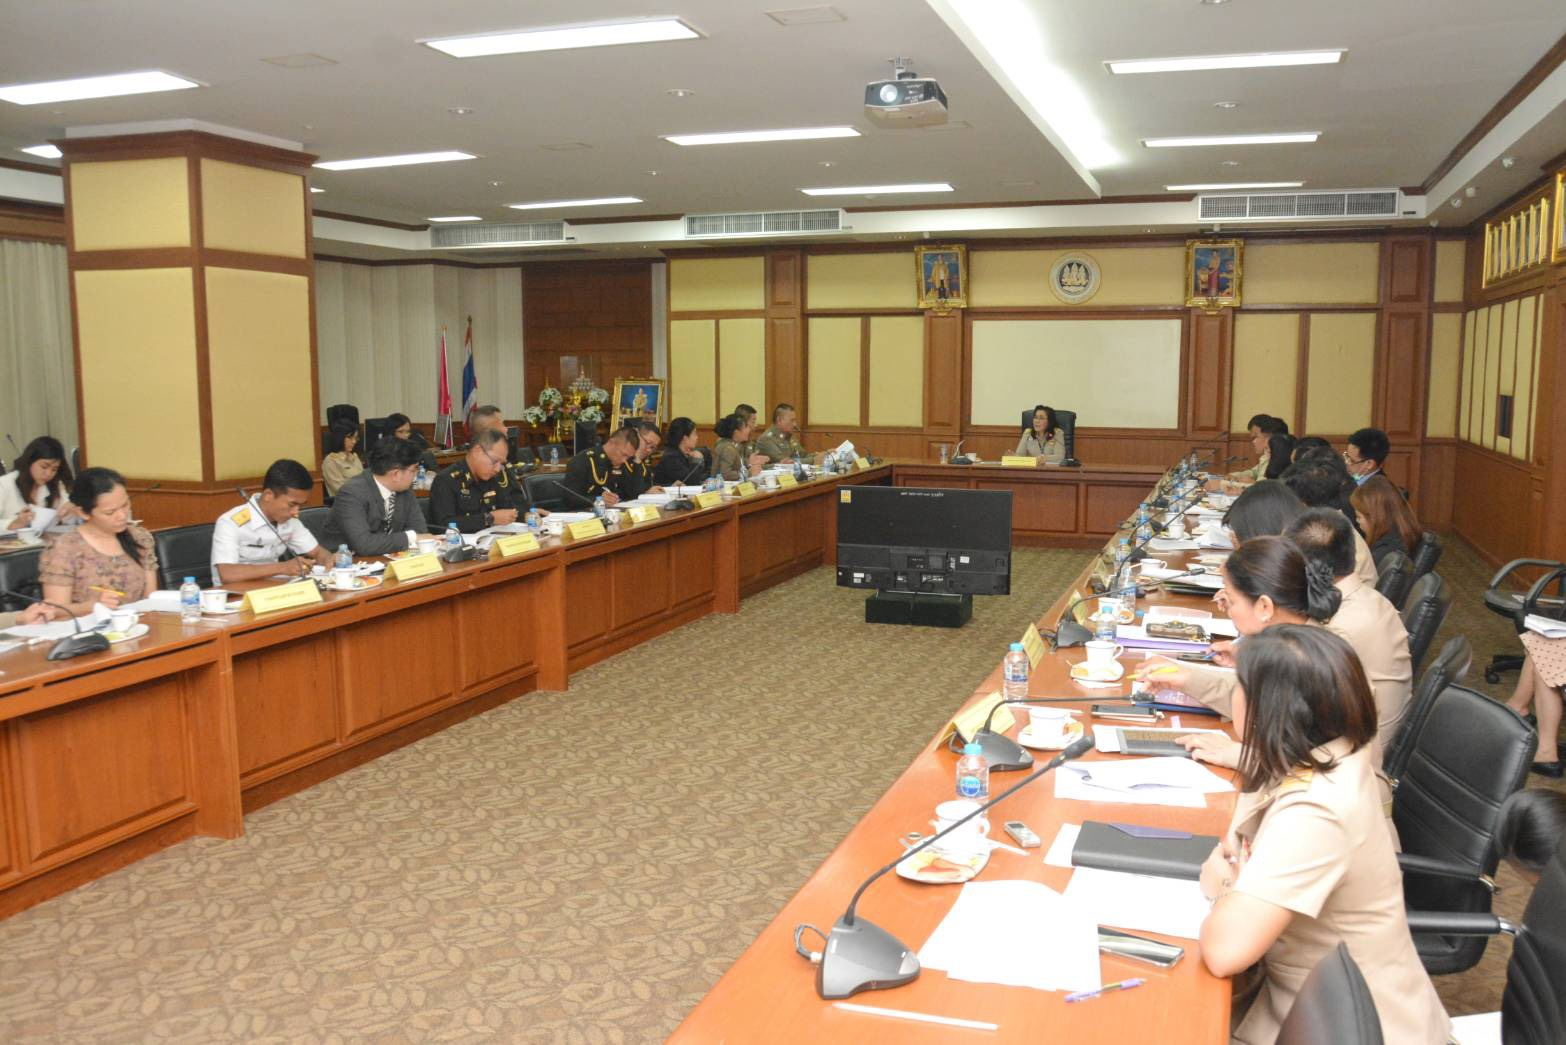 กรมการจัดหางาน หารือแนวทางการผ่อนผันให้แรงงานต่างด้าวสัญชาติกัมพูชา ลาว เมียนมา เดินทางกลับประเทศเพื่อร่วมงานประเพณีสงกรานต์ ประจำปี 2562